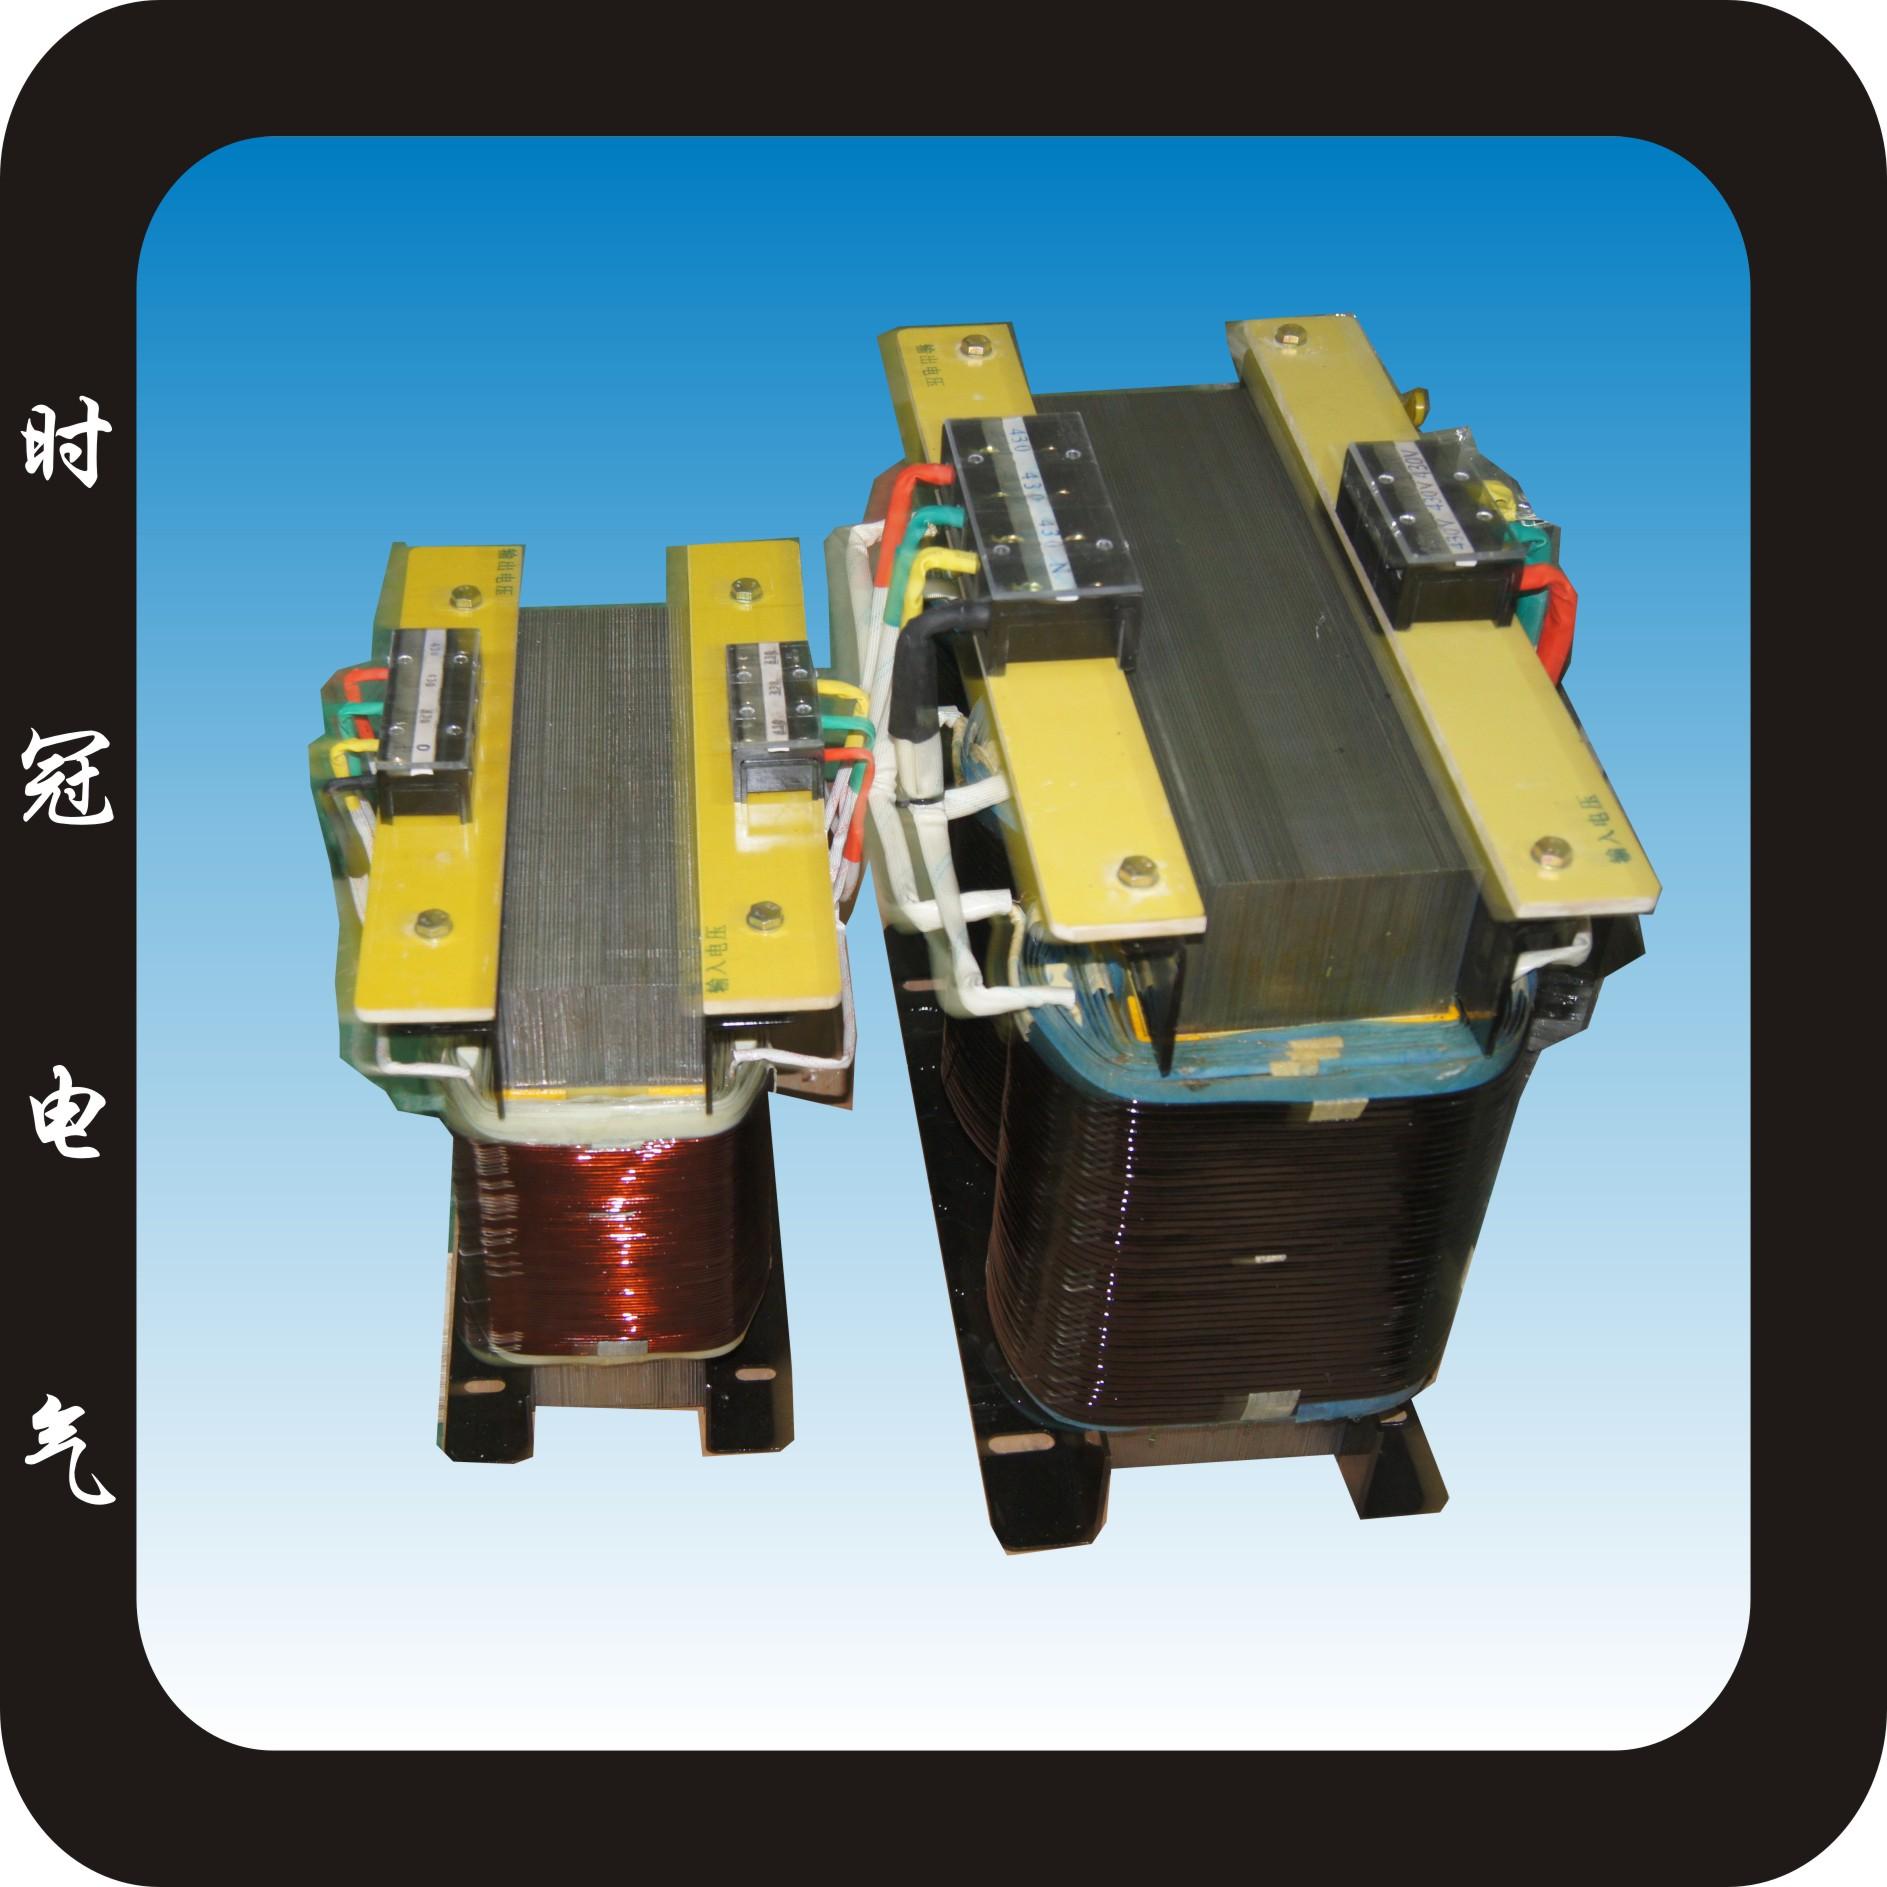 数控机床专用变压器